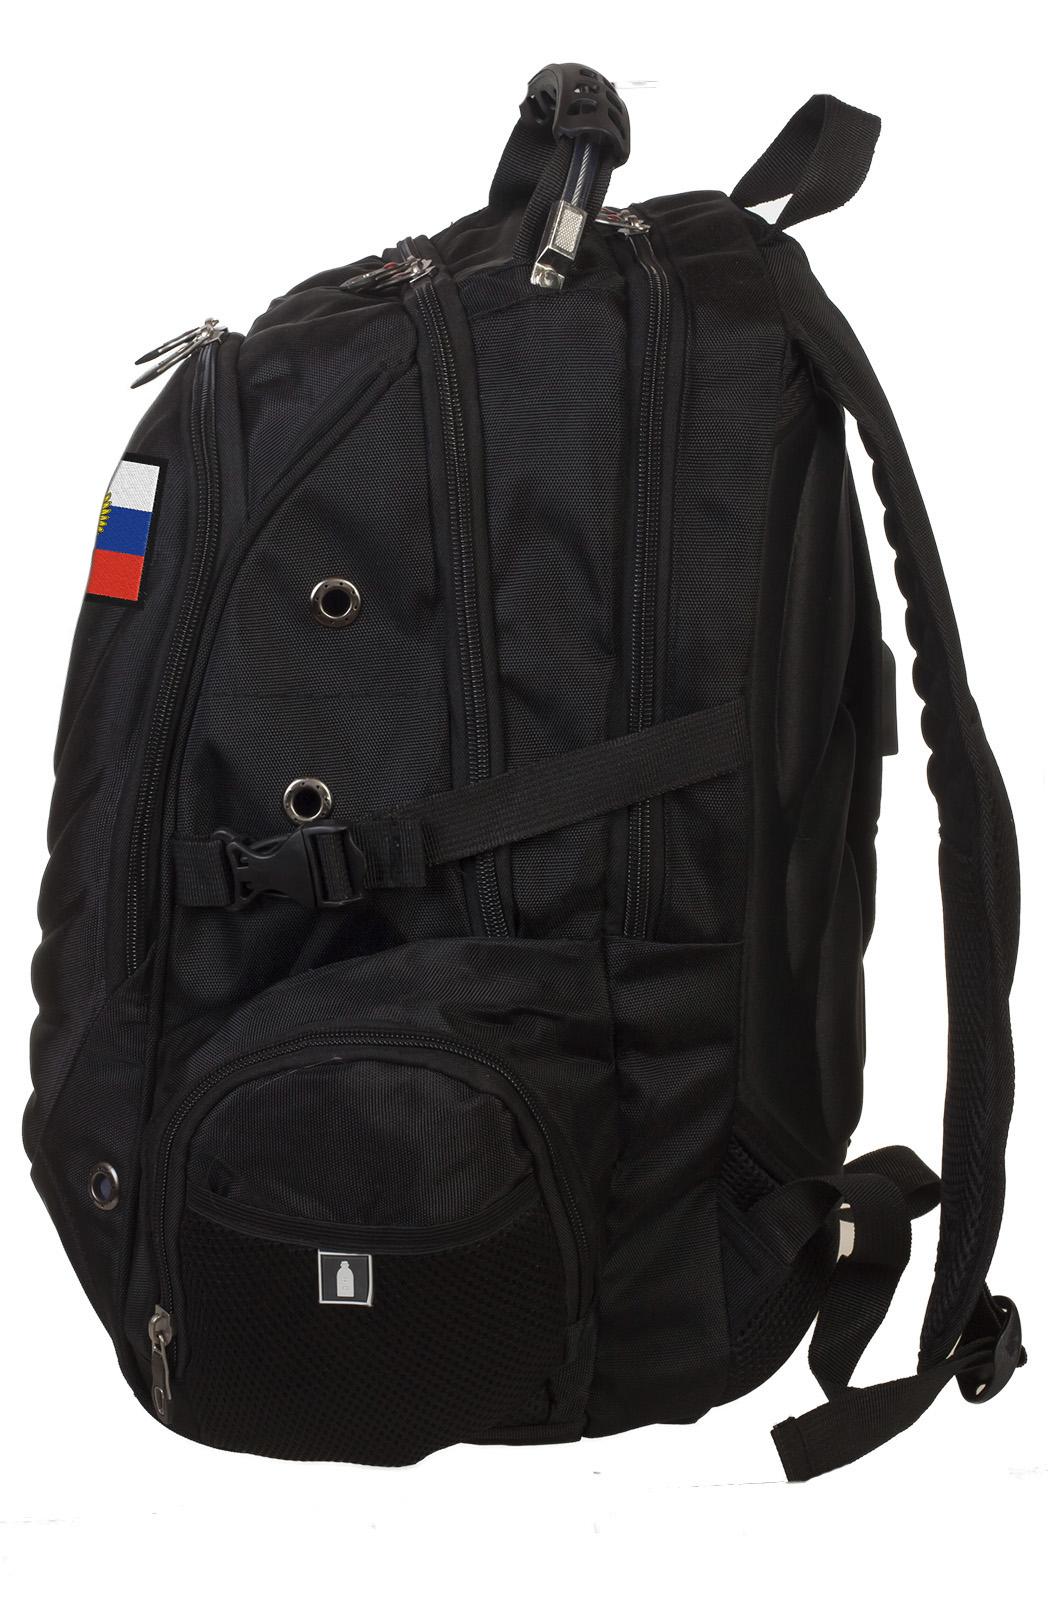 Удобный черный рюкзак с нашивкой Штандарт Президента - купить с доставкой